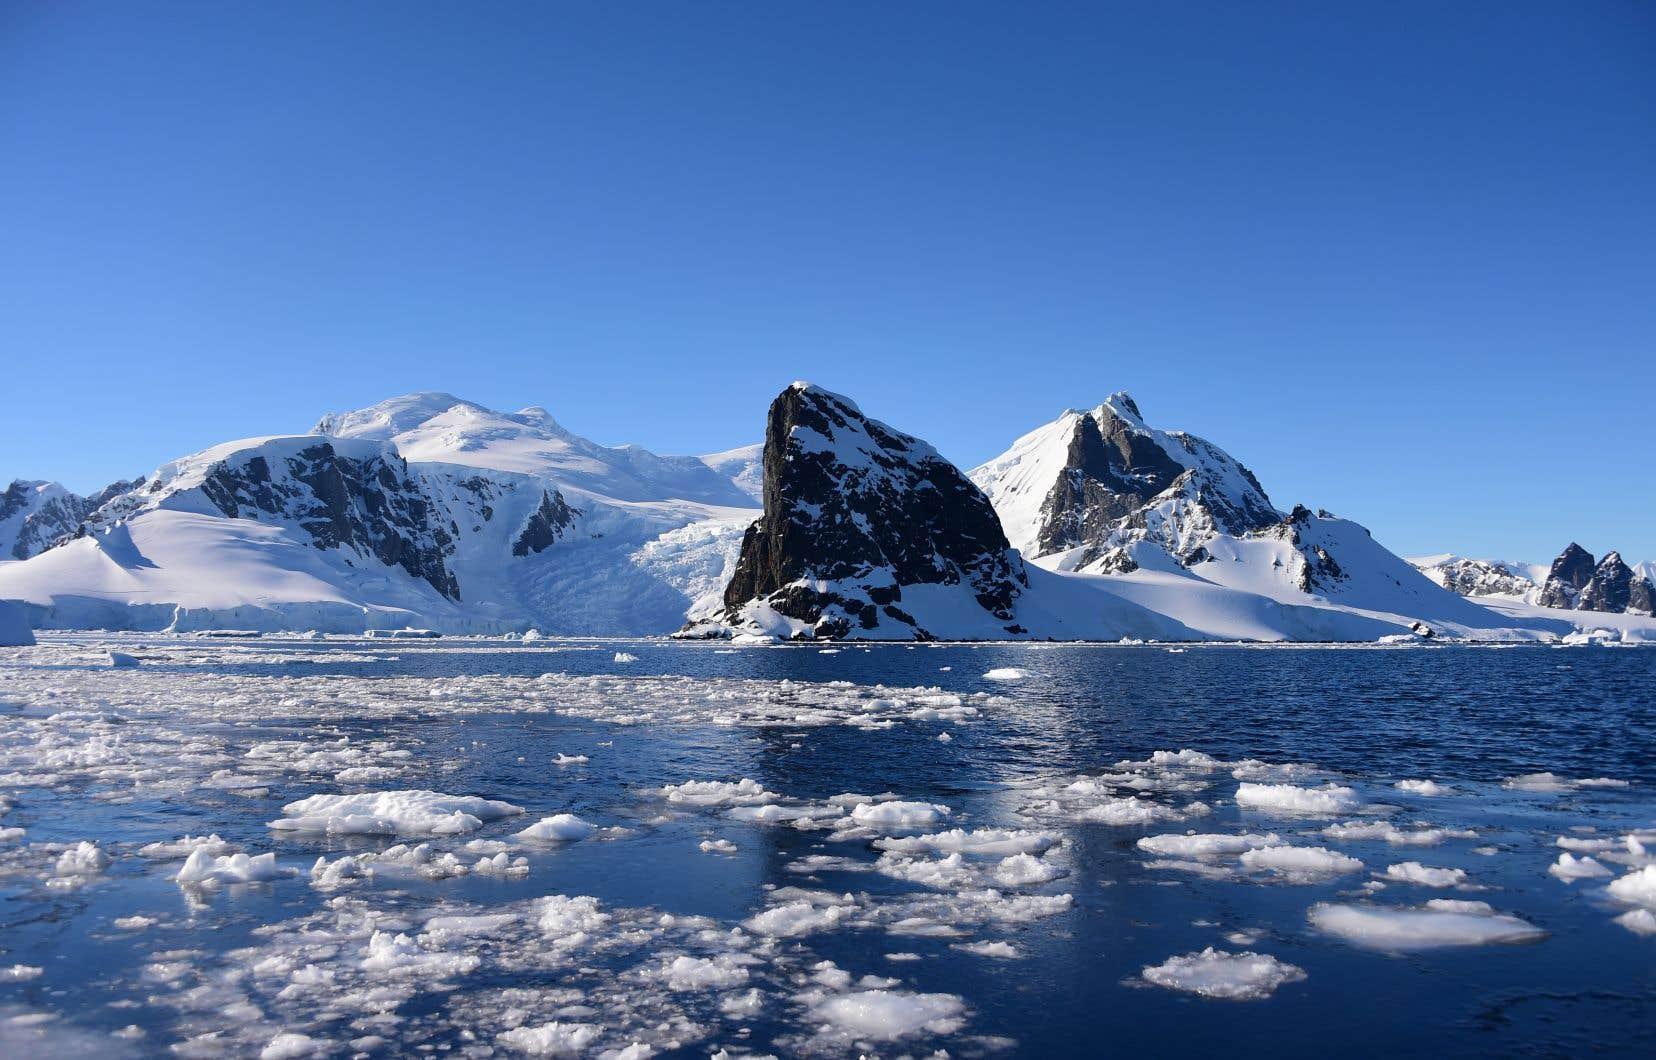 C'est 8% du pergélisol qui est menacé de disparition, principalement dans l'Antarctique Ouest où la perte des glaces s'est accélérée dans les premières décennies de ce siècle.